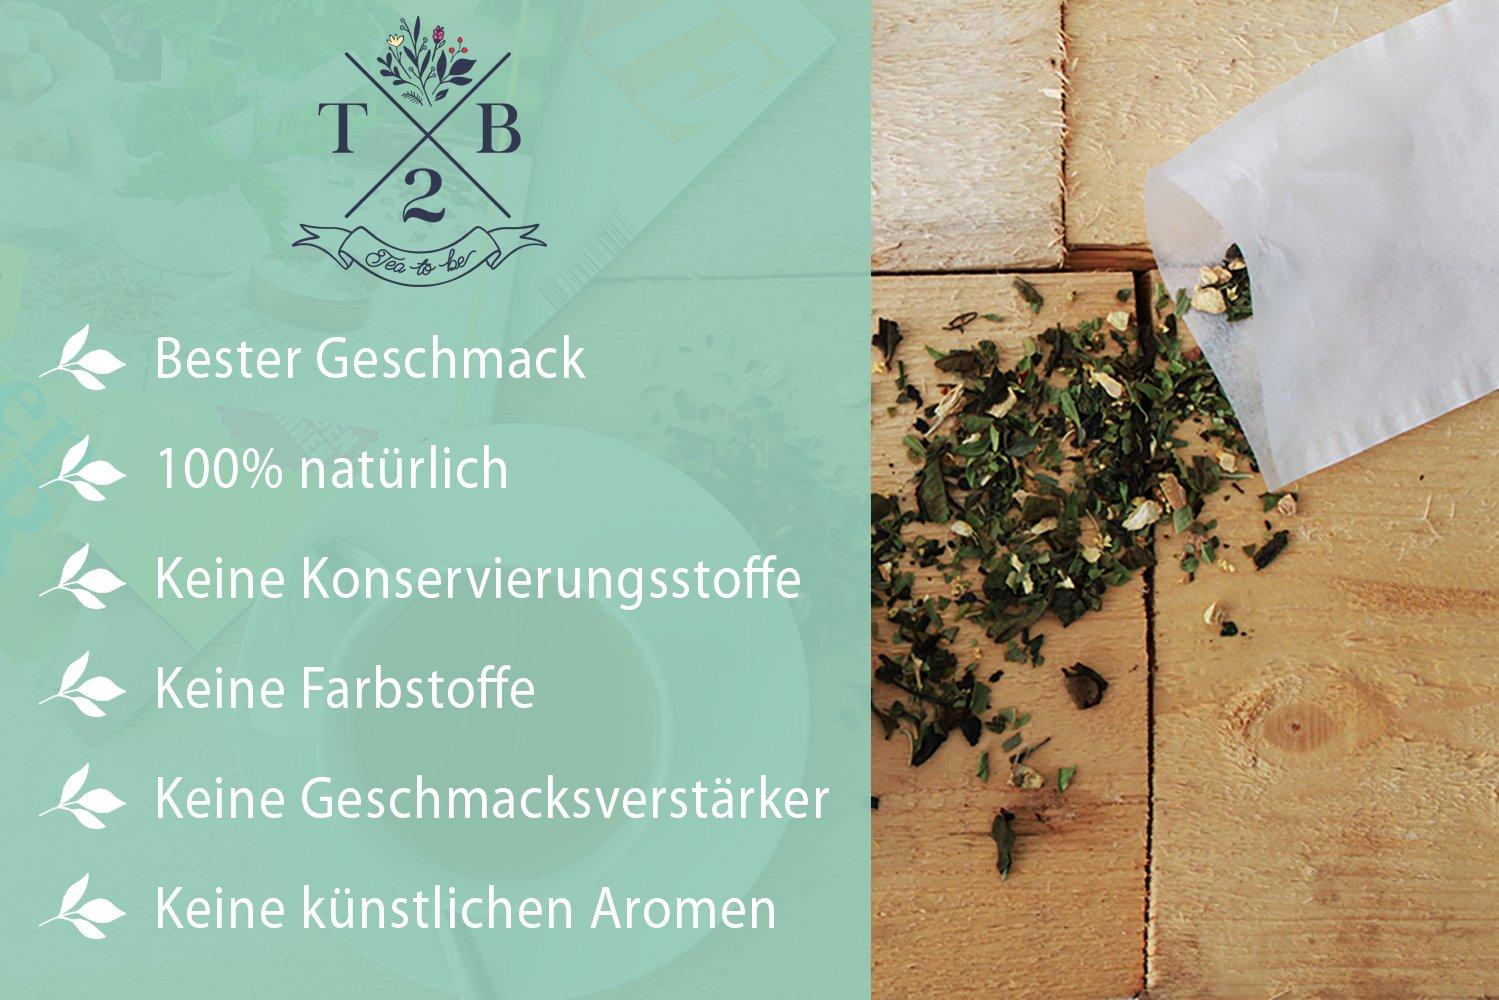 Basischer-Krutertee-in-Bio-Qualitt-zur-basischen-Ernhrung-mit-Brennnessel-100g-Ca-40-Tassen-Tea2Be-by-Sarenius